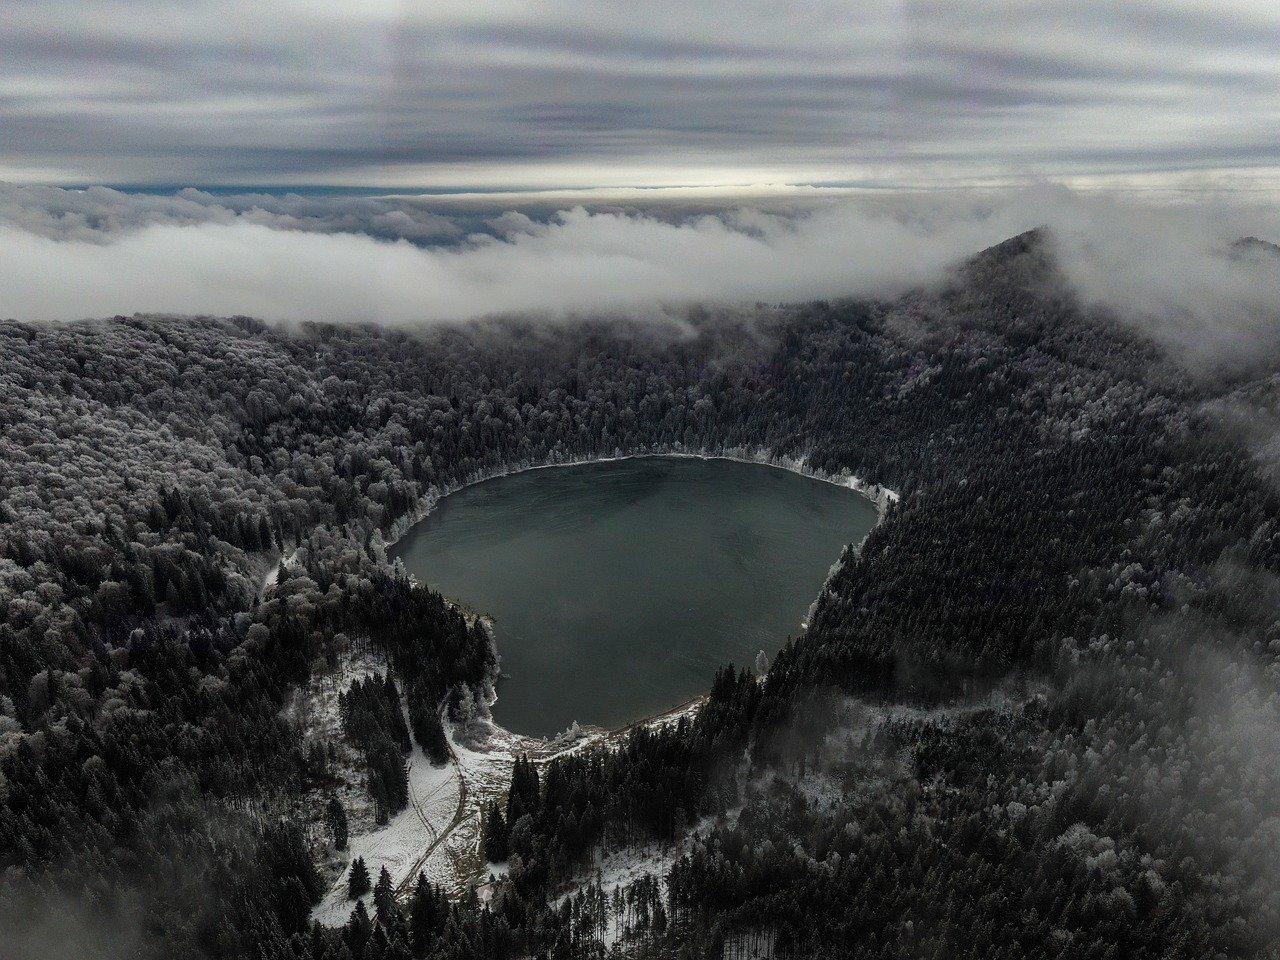 Lake Saint Ann, Bicaz